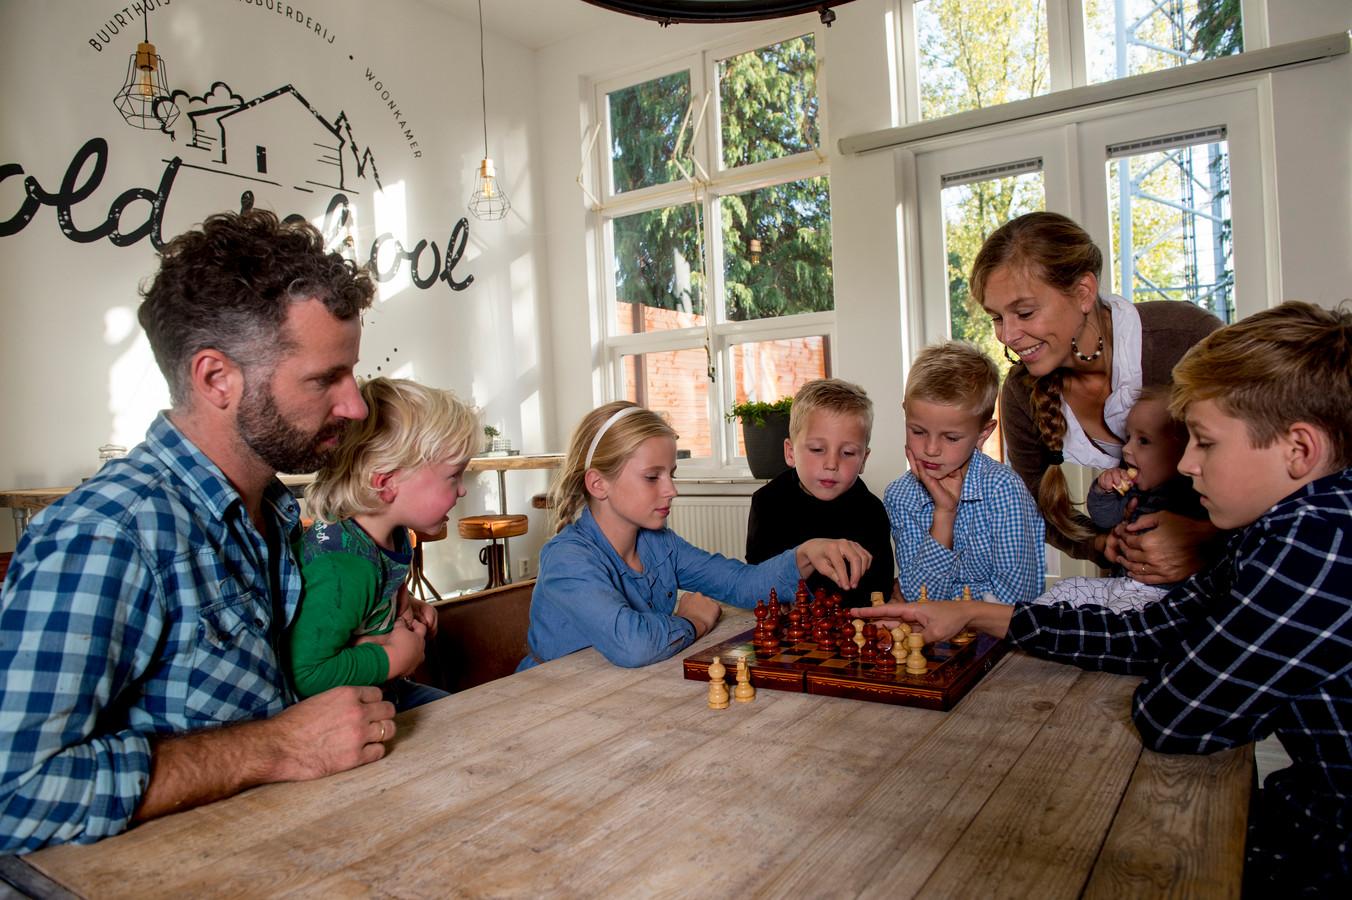 De familie ten Brinke woont in de verbouwde Sebastiaanschool in Apeldoorn.